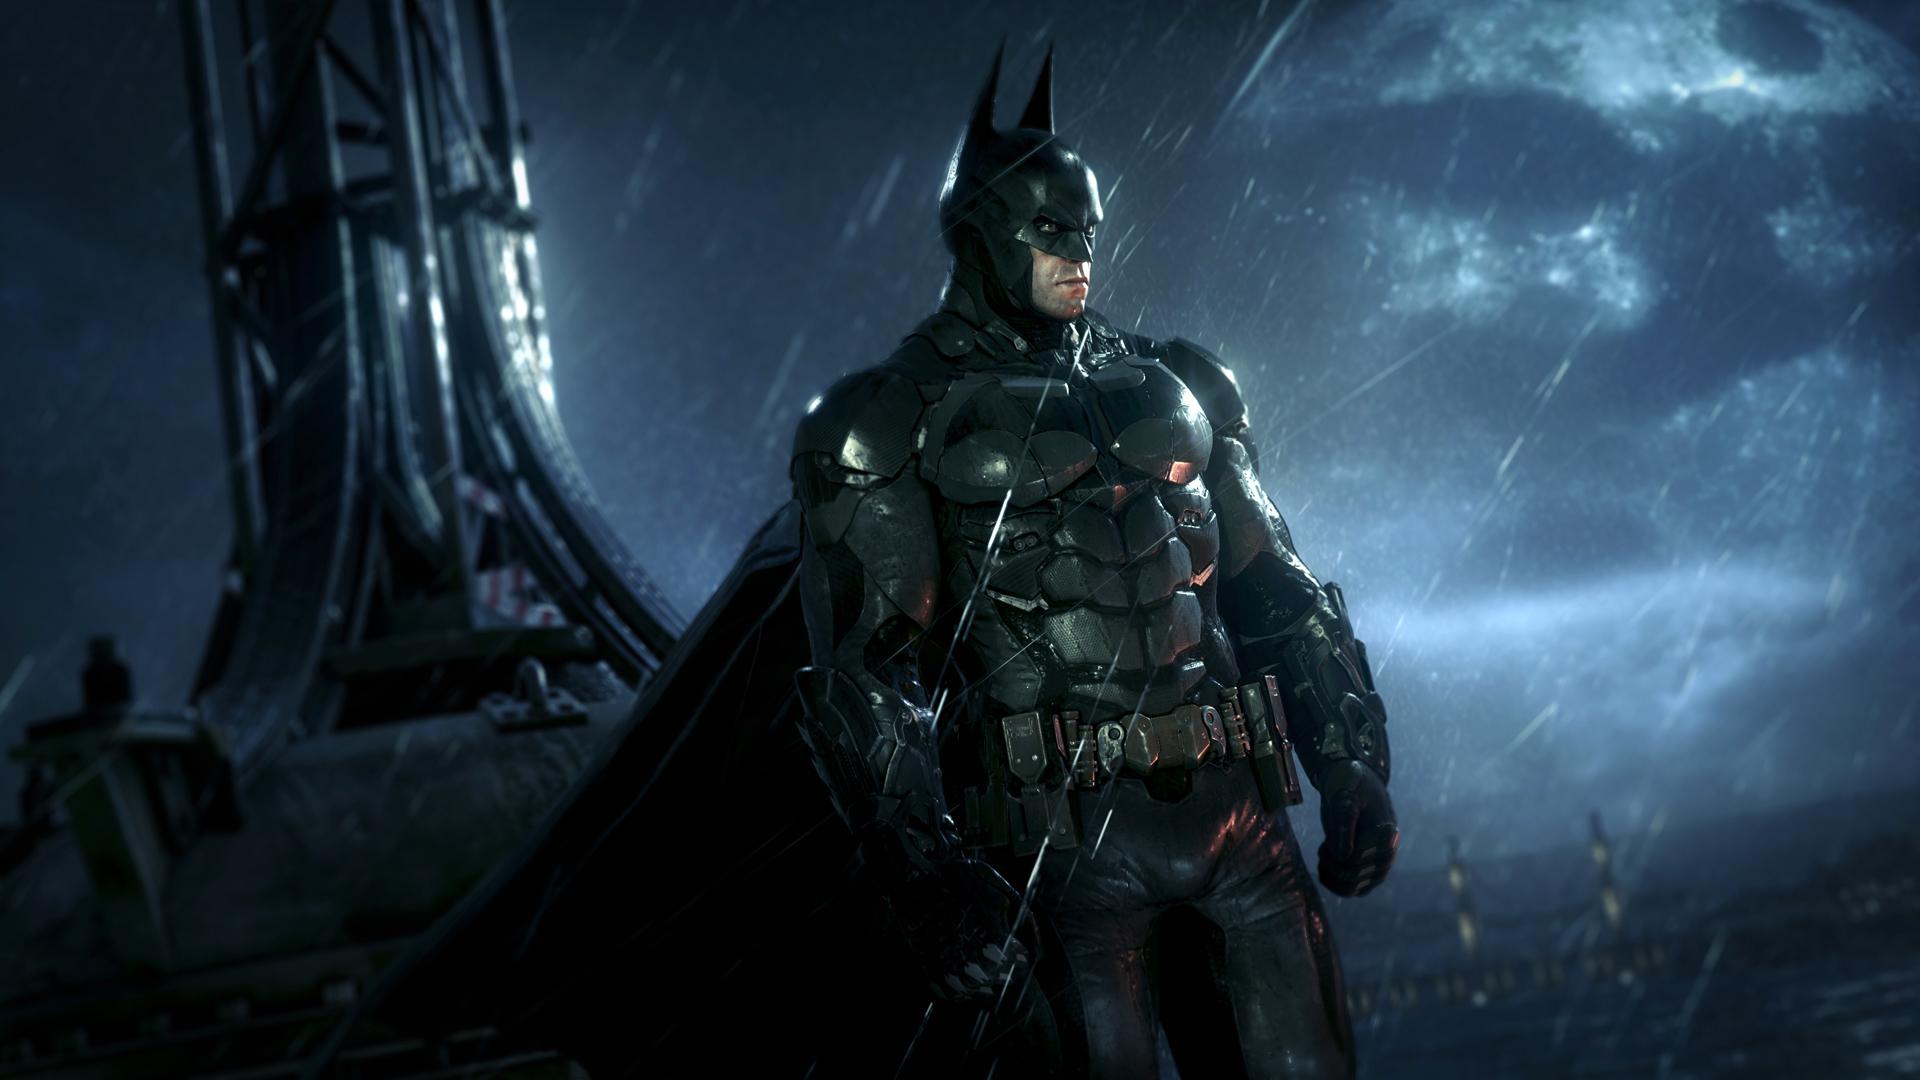 batman arkham knight jeux video fond ecran wallpaper 18 justgeekfr 1920x1080